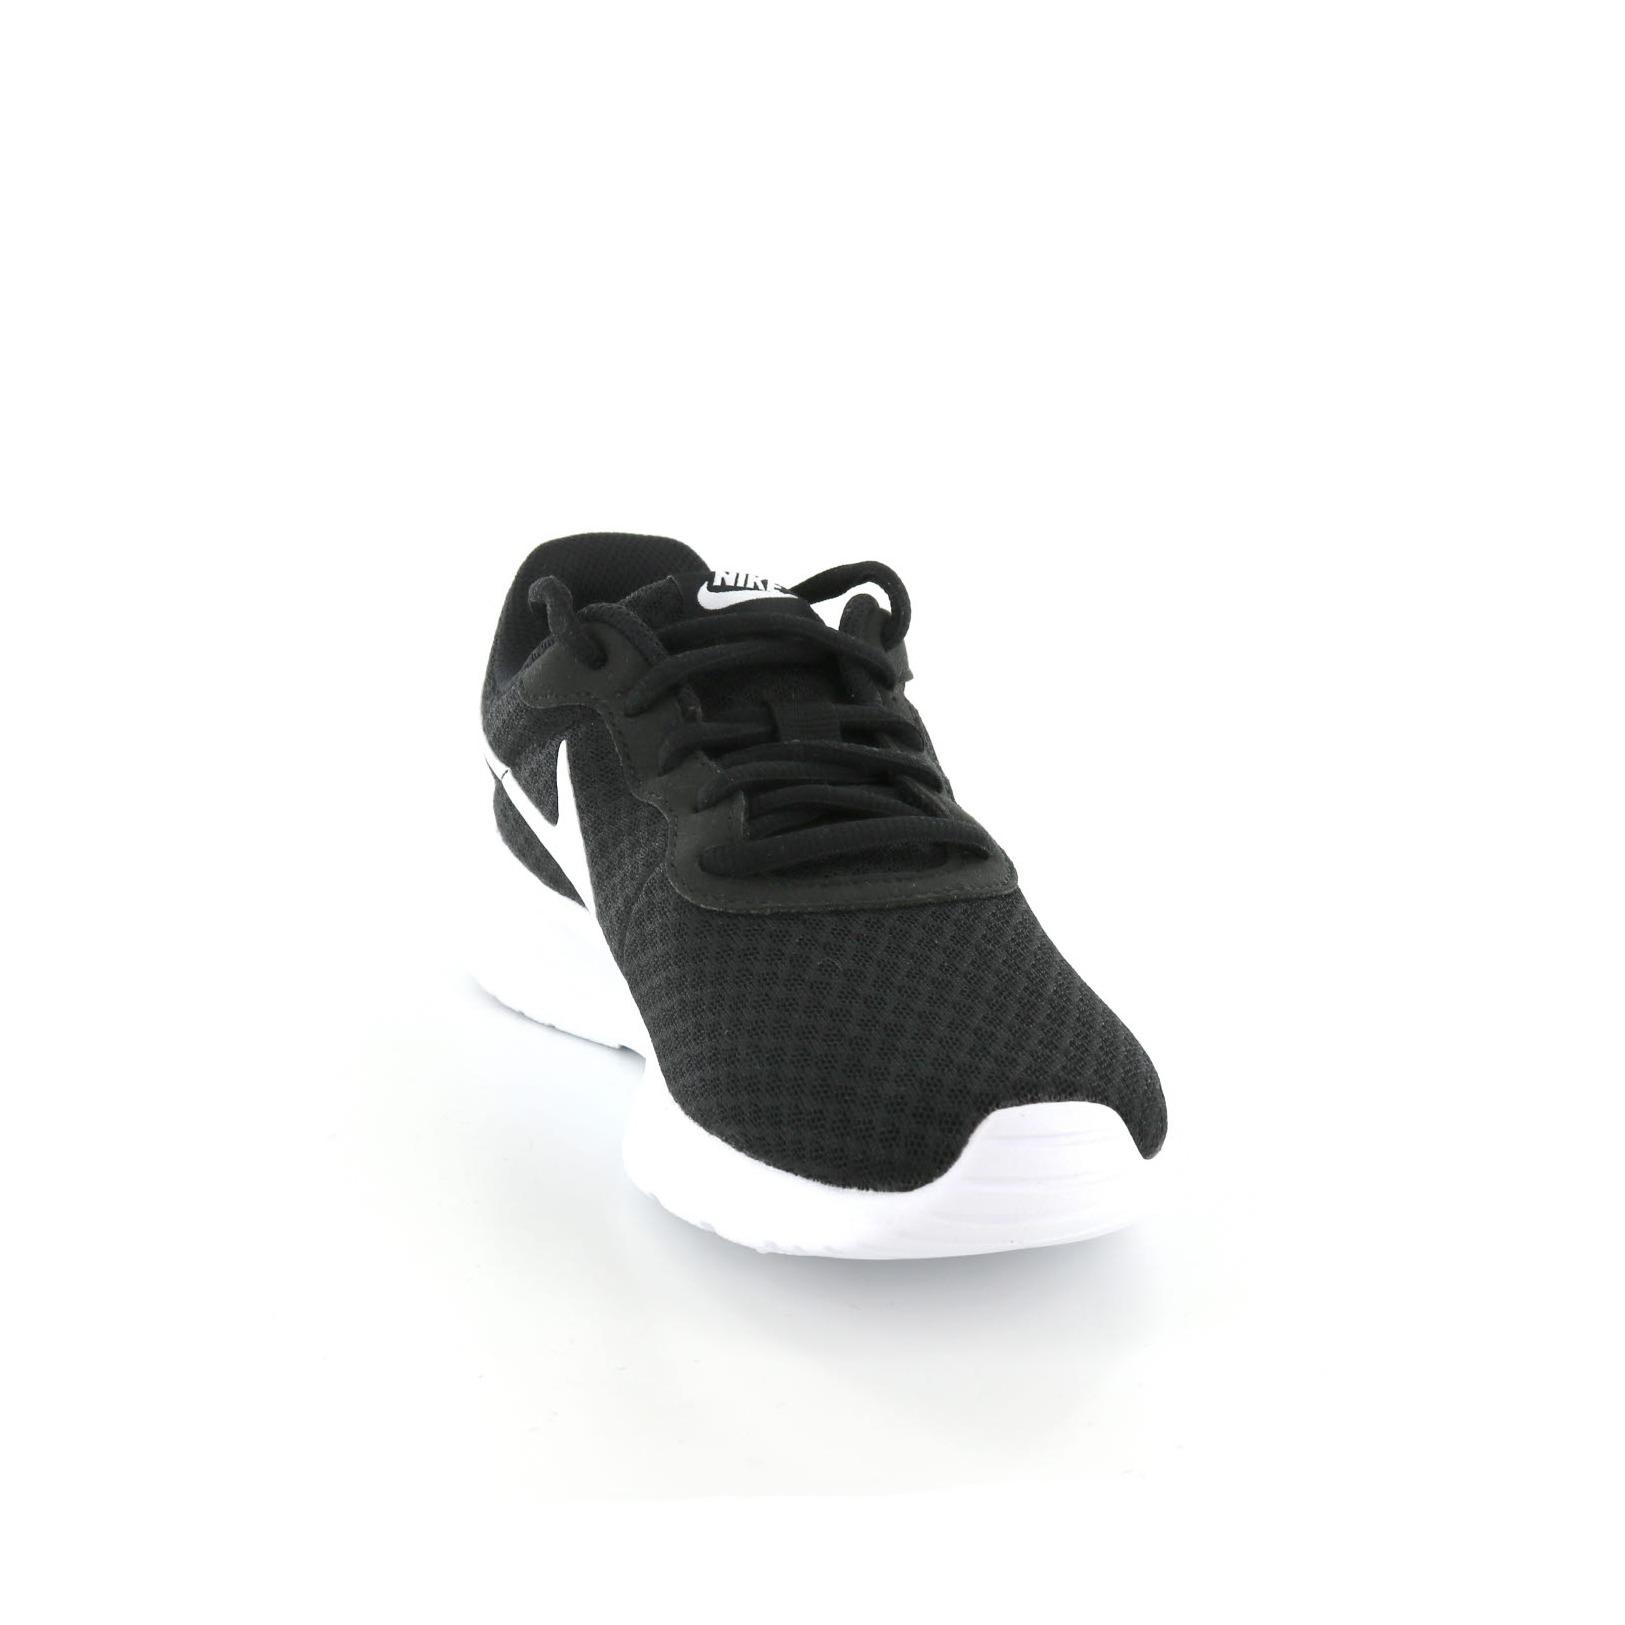 Nike / Chaussures À Lacets - Baskets, Noir